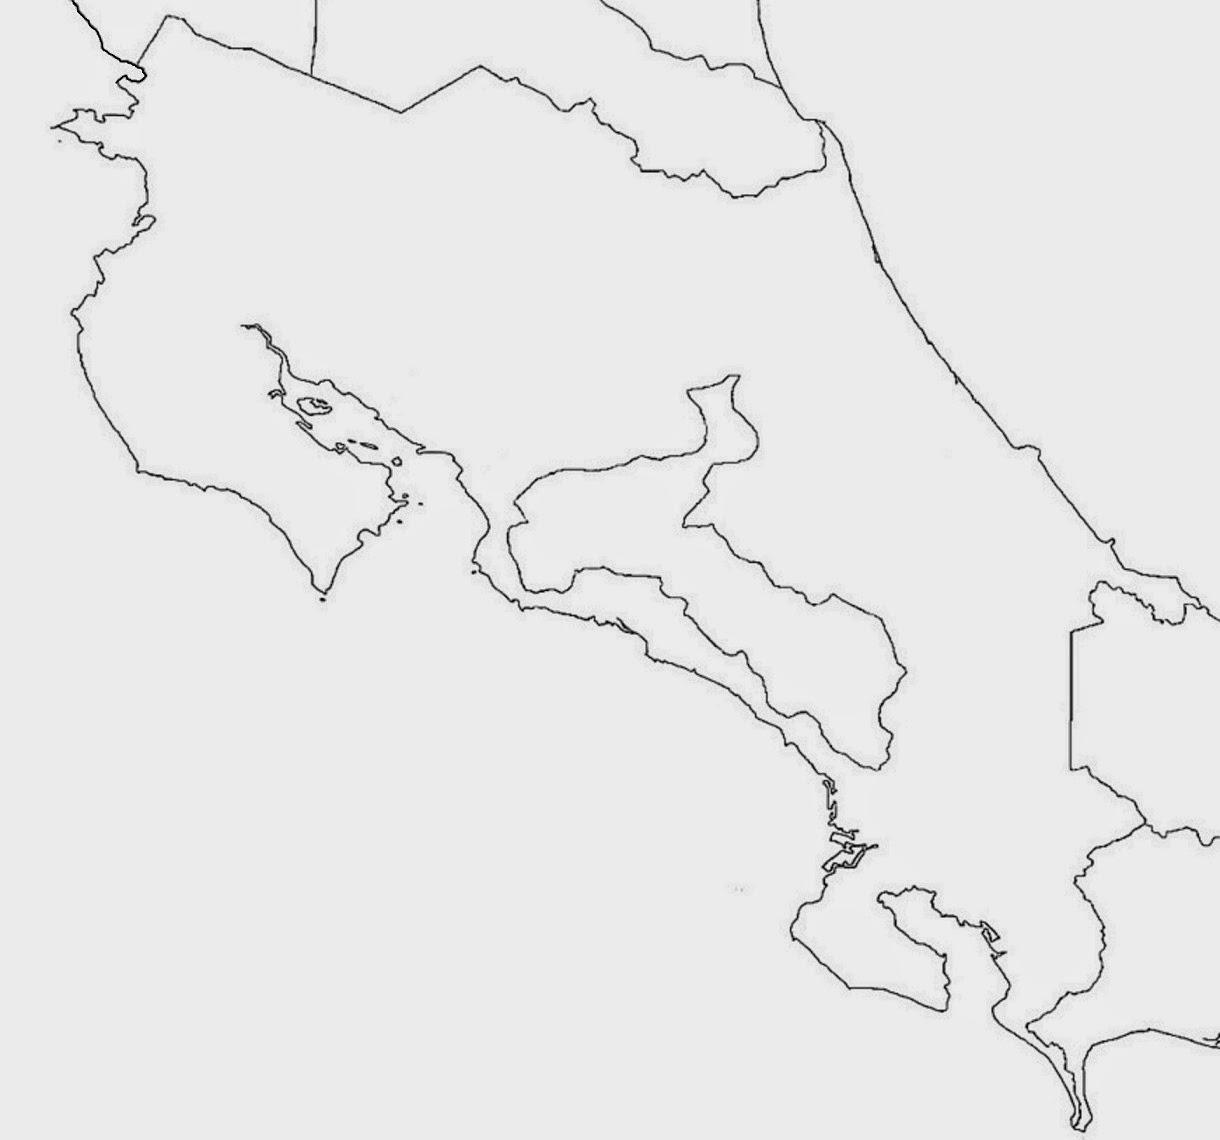 De Provincias Sus Panama Para Colorear Con Mapa